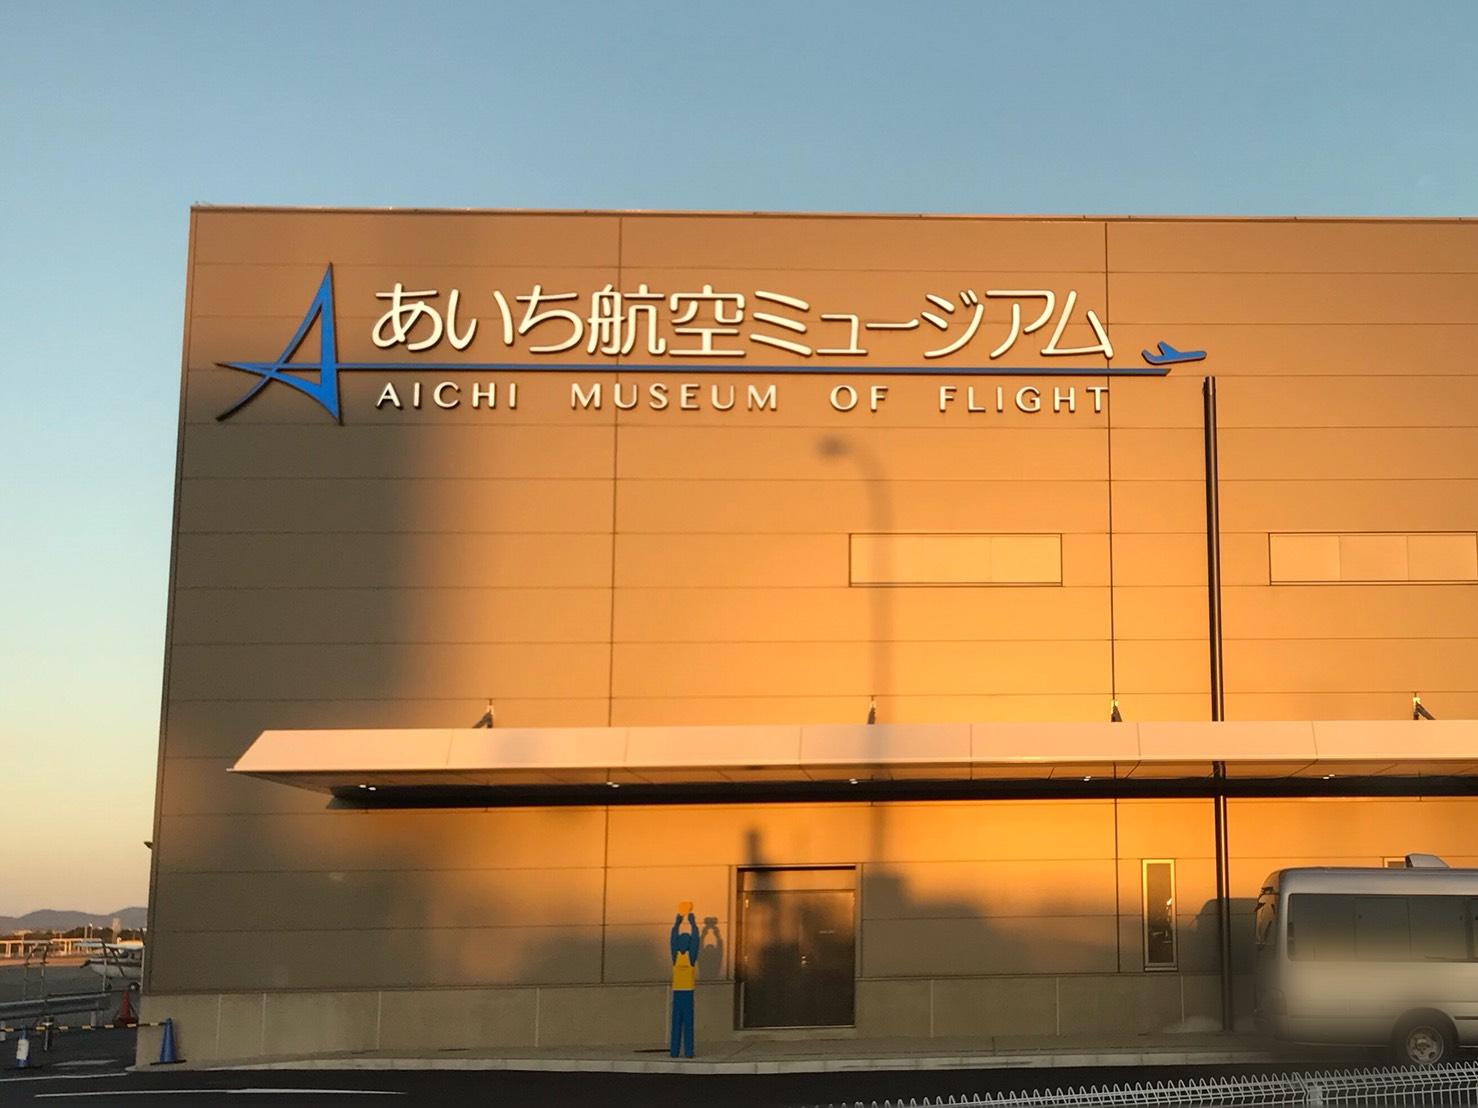 あいち航空ミュージアムの混雑は?再入場やおすすめのスポットについてもご紹介!